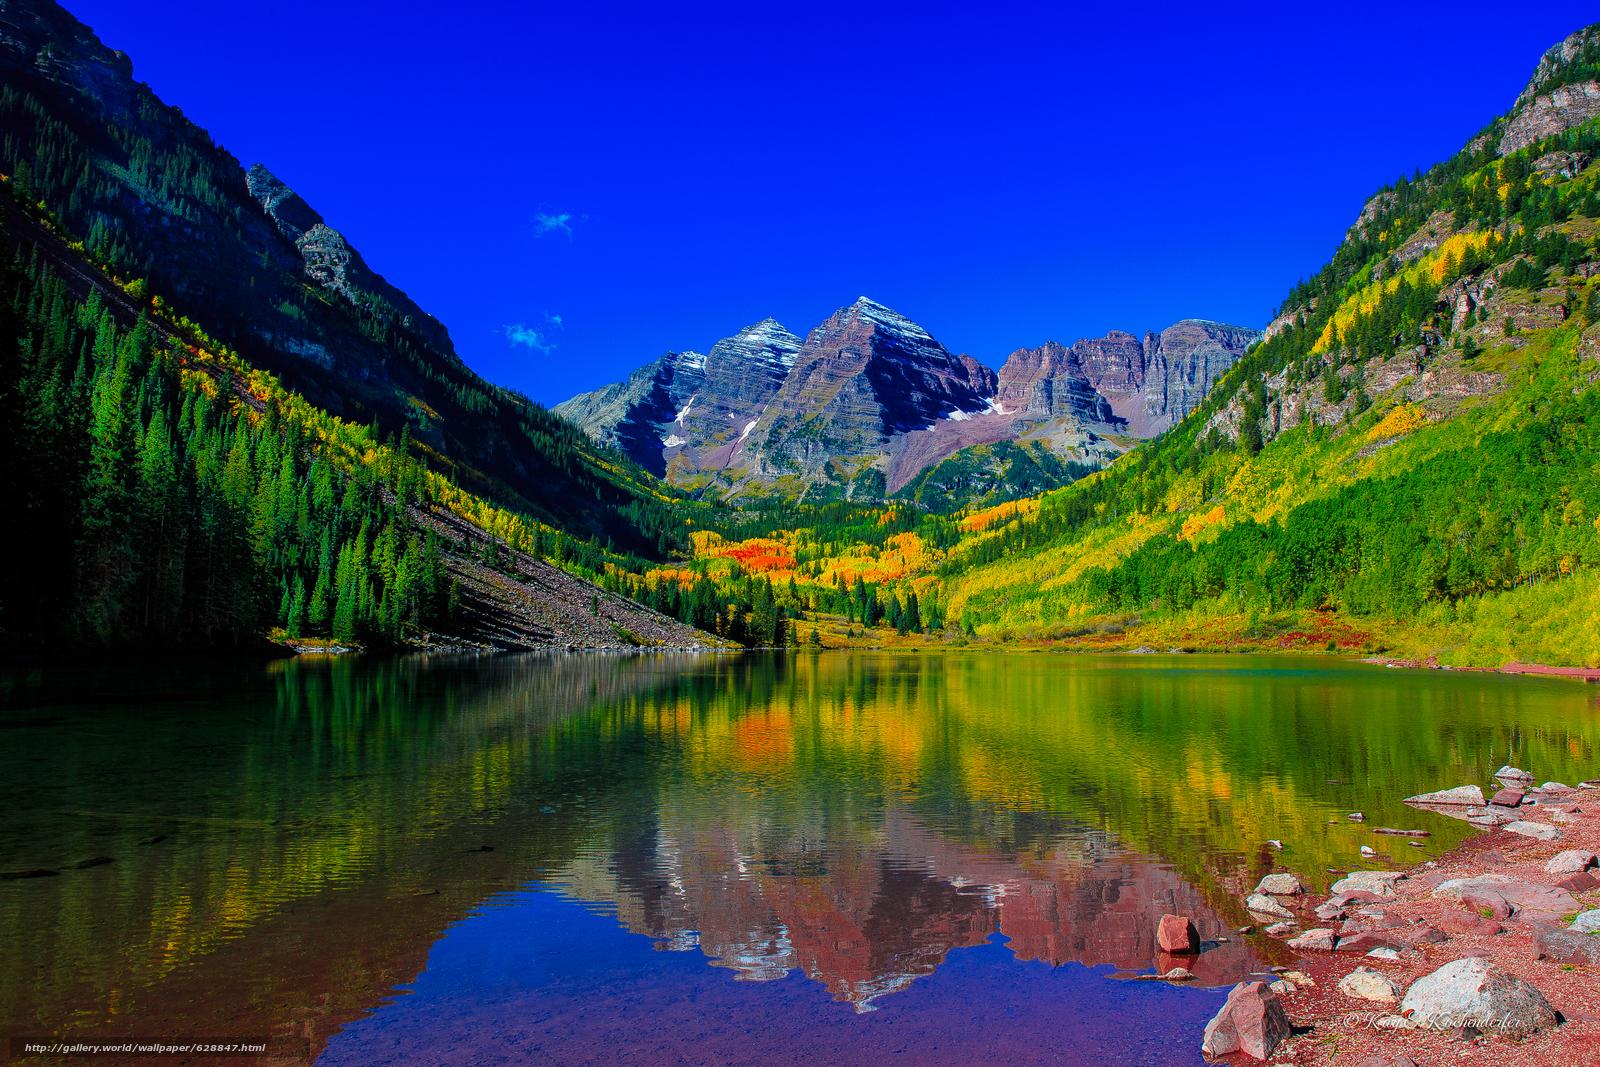 Скачать на телефон обои фото картинку на тему Maroon Bells, Colorado.озеро, горы, деревья, осень, пейзаж, разширение 5402x3601